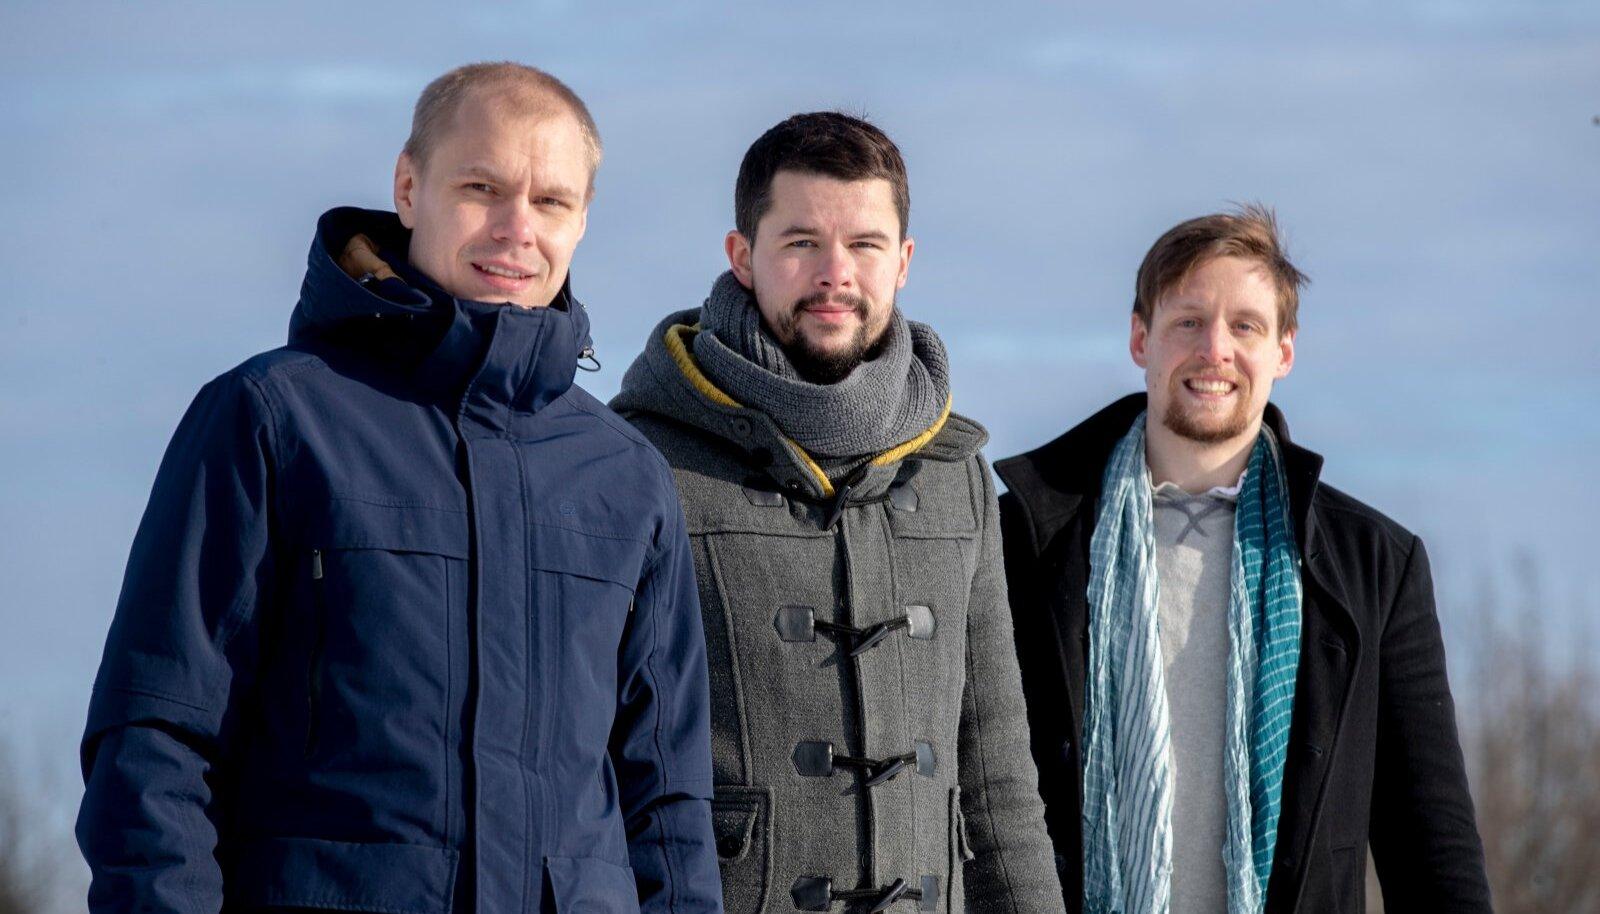 Producementi asutajad (vasakult) Maido Käära, Erko Risthein ja Jordan Valdma olid TransferWise'ist lahkudes oma tuleviku küll rahaliselt kindlustanud, kuid otsustasid palmi alla pikutama mitte minna.